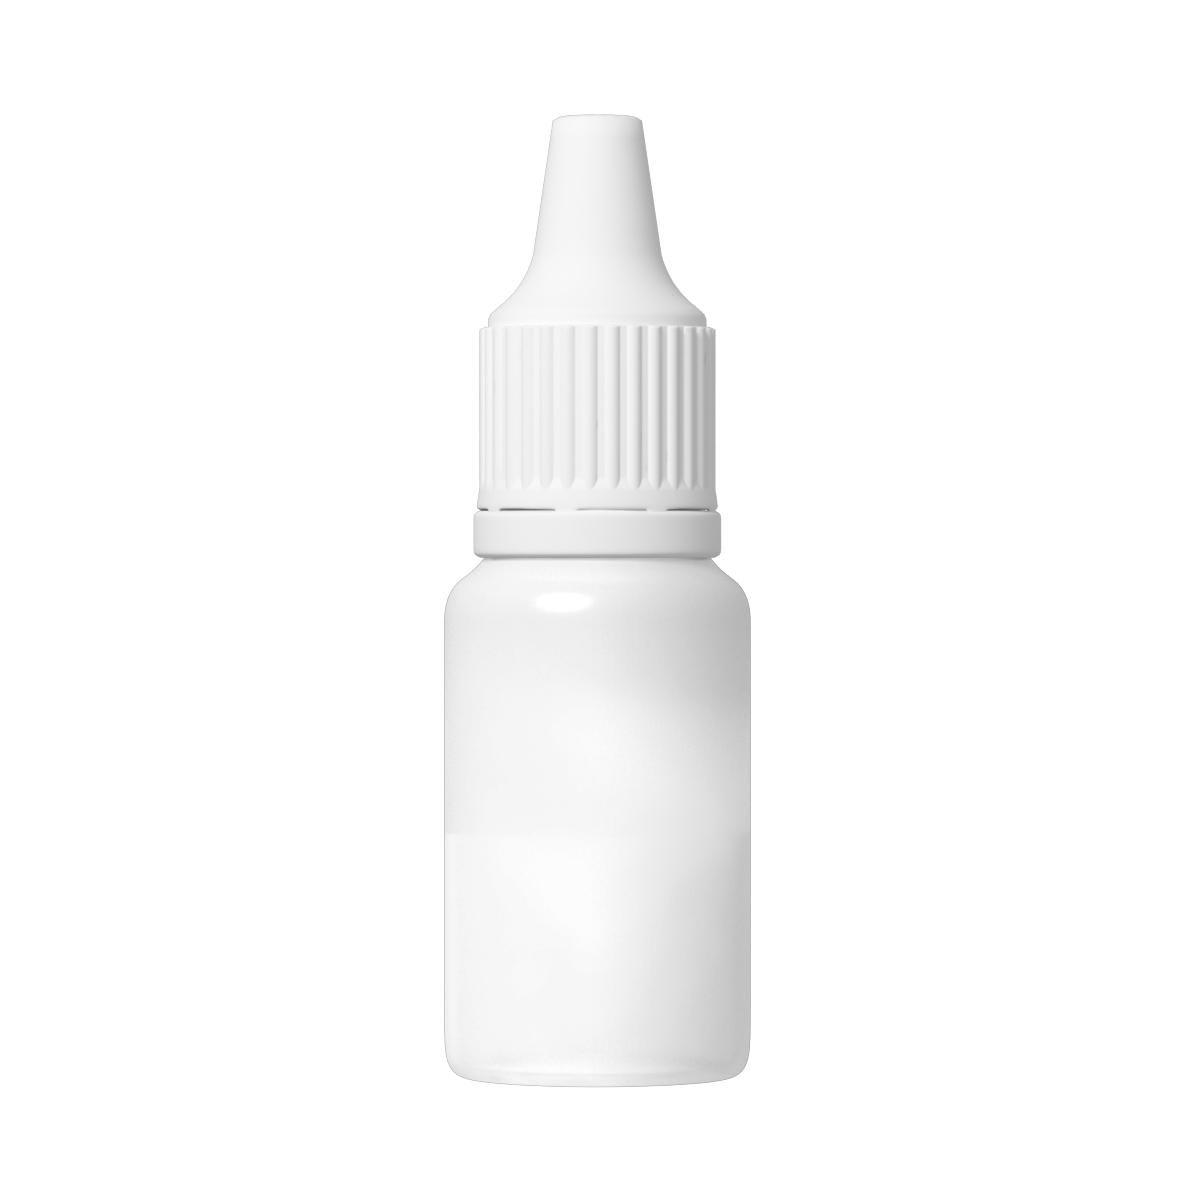 TFC Silikonfarbe Farbpaste Silikon Kautschuk PW6 RAL9010 weiss white